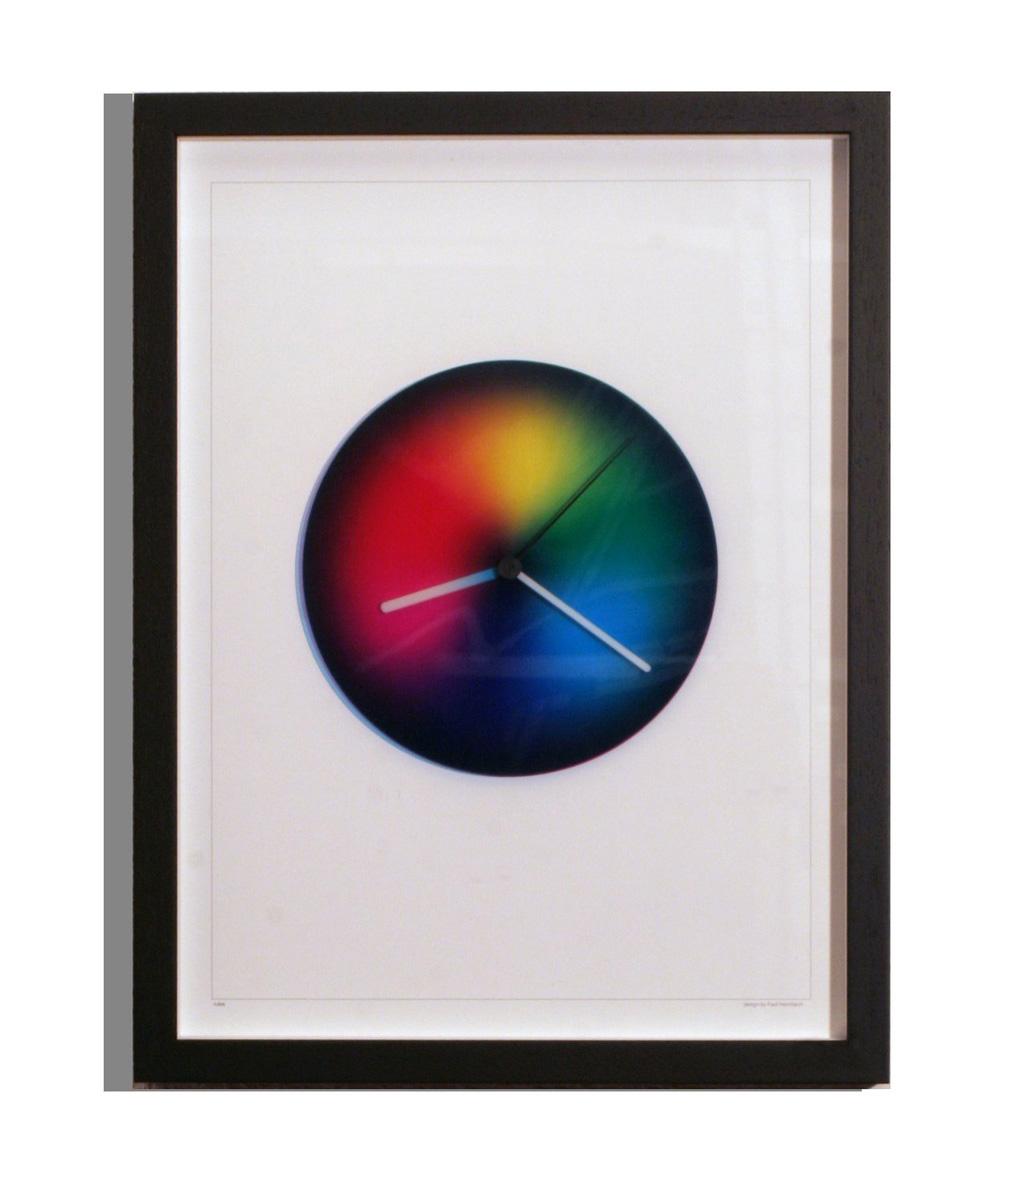 【残り1点】Rainbow Watch レインボーウォッチ クォーツ 腕時計 メンズ ブランド [ART-ru-black] 並行輸入品 メーカー保証24ヵ月 純正ケース付き